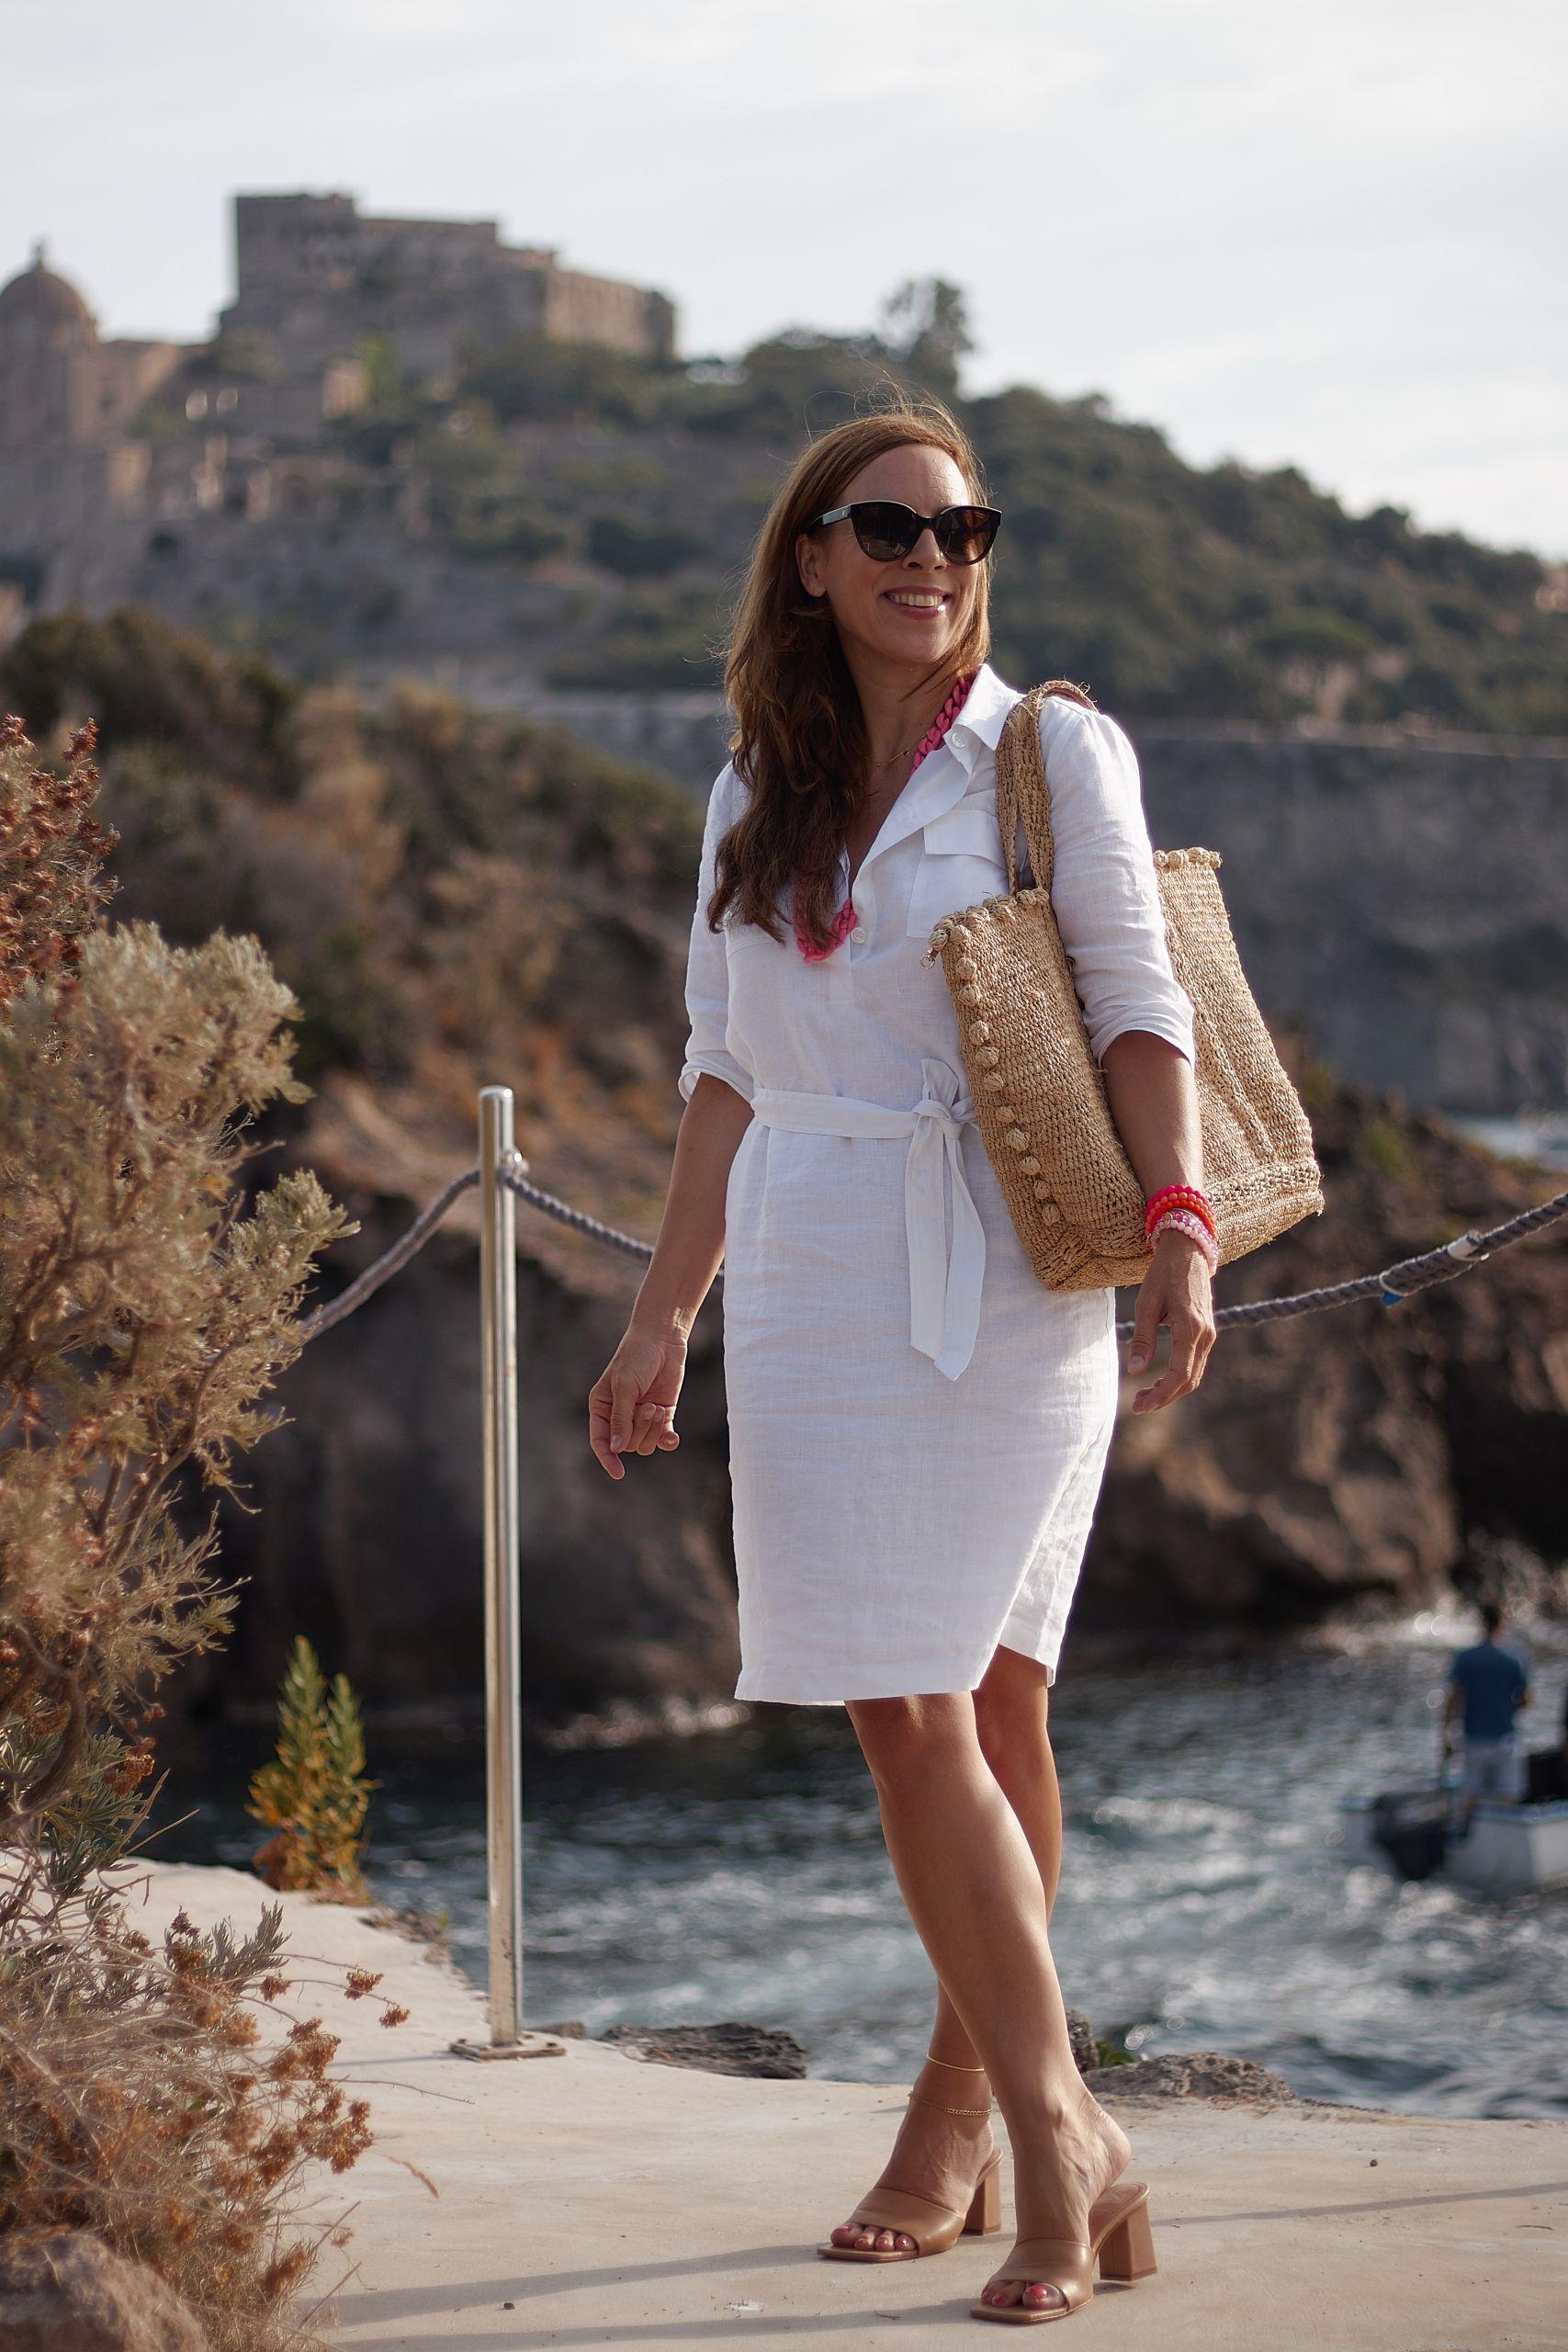 Weißes Leinen Alba Moda Blusenkleid kombinieren zu pinkfarbenen Accessoires im Giardino Eden Ischia